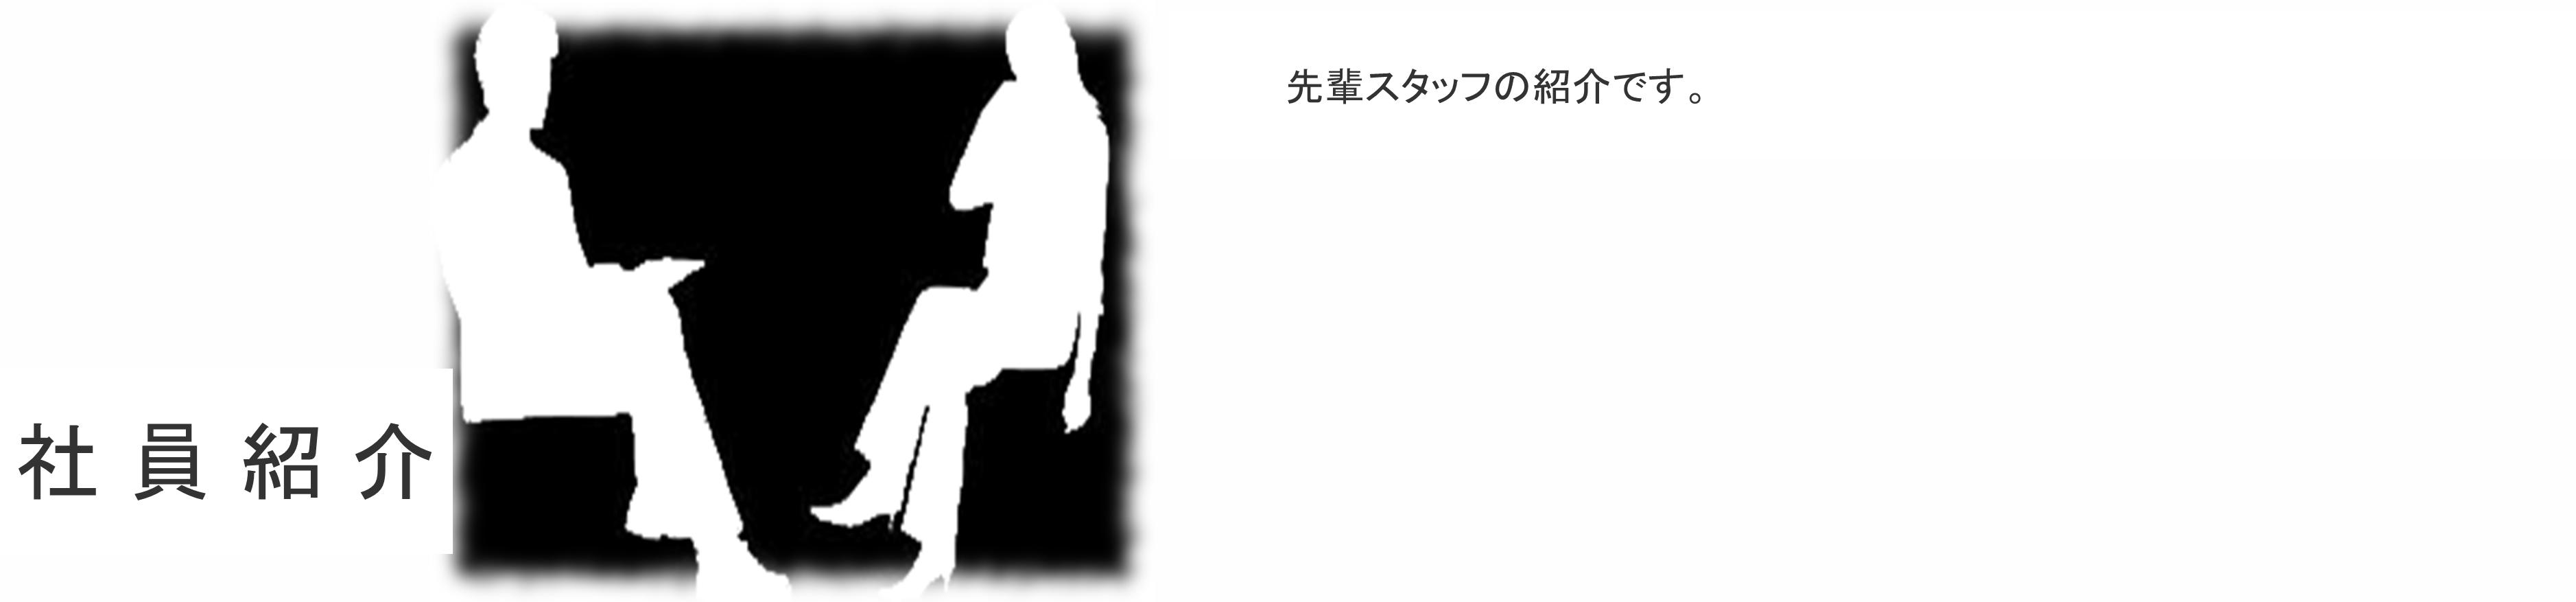 社員紹介 オフィス 白抜き アイキャッチ